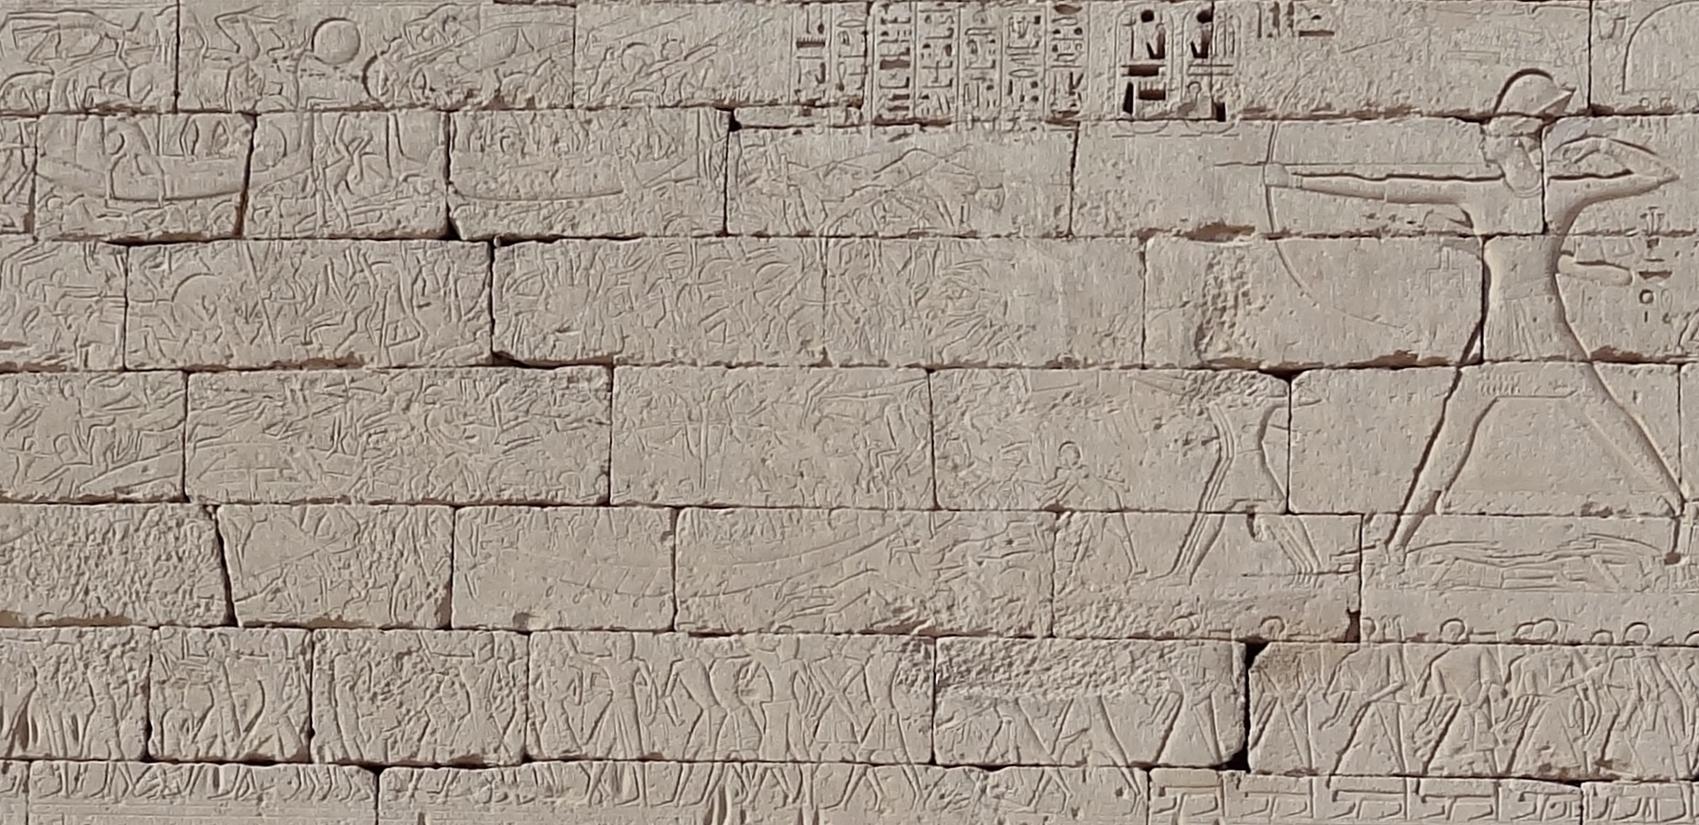 Eine Mauer aus Sandsteinblöcken, die mit einem Rilief versehen ist. Dargestellt ist eine Ägytisches Bil mit viele Menschen und einer großen Abbildung von Ramses III